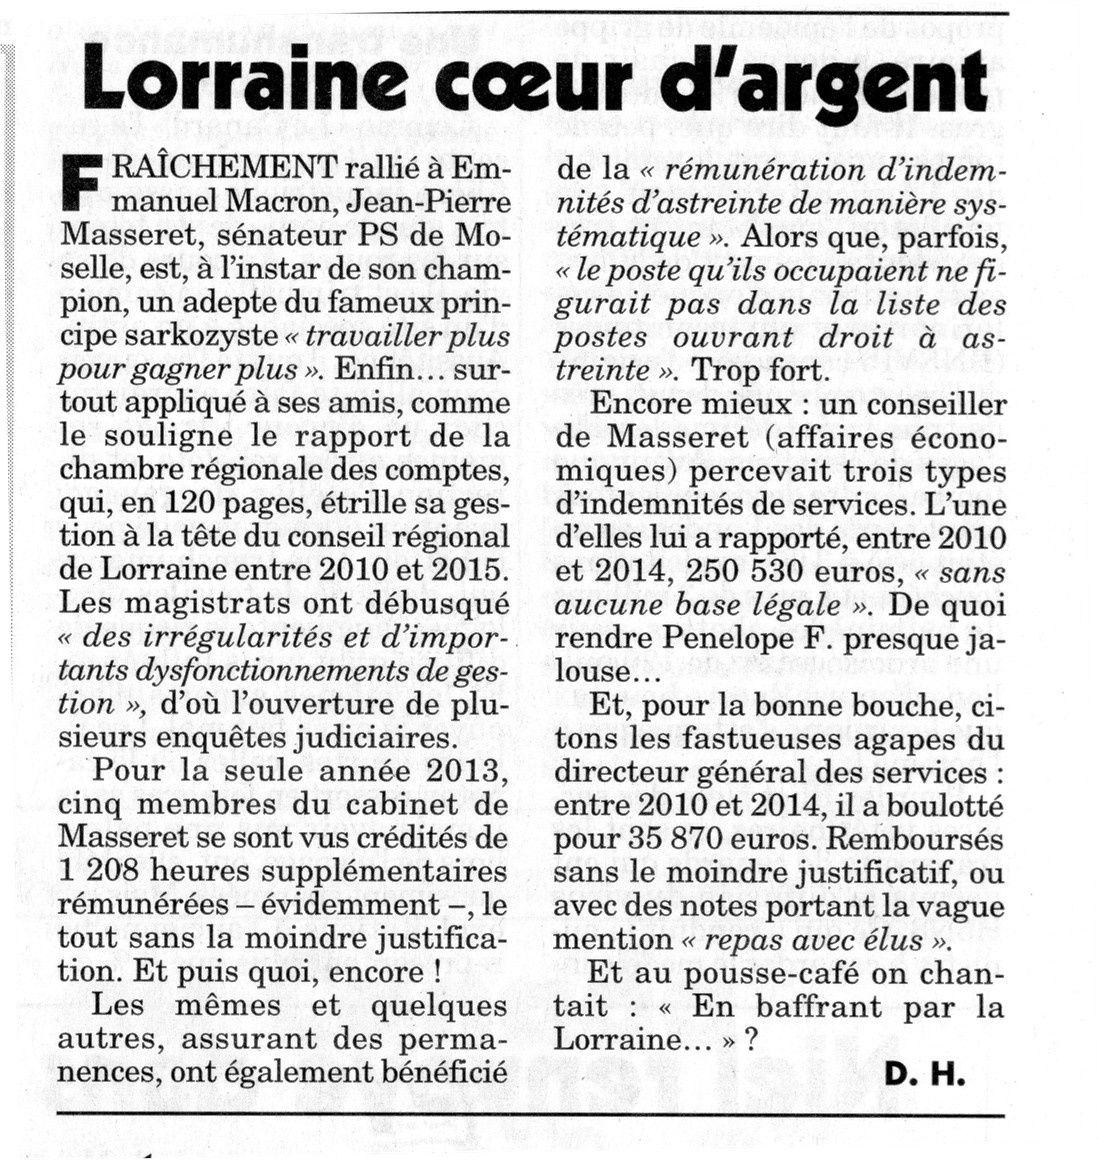 BOURDOULEIX : un Maire de Cholet sans vergogne !